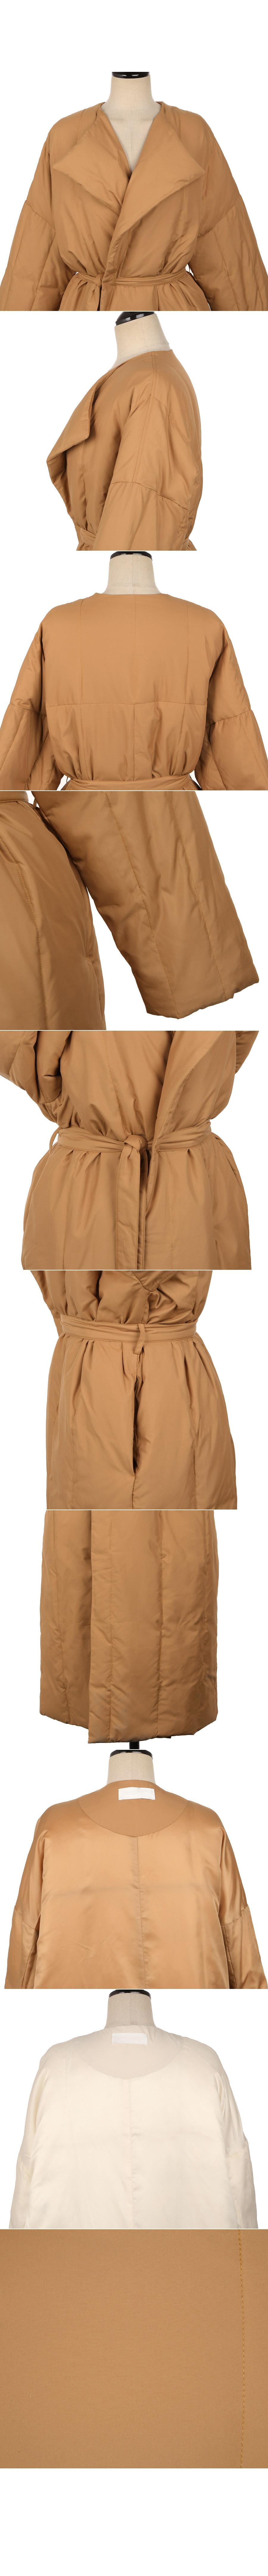 Sophie padded coat